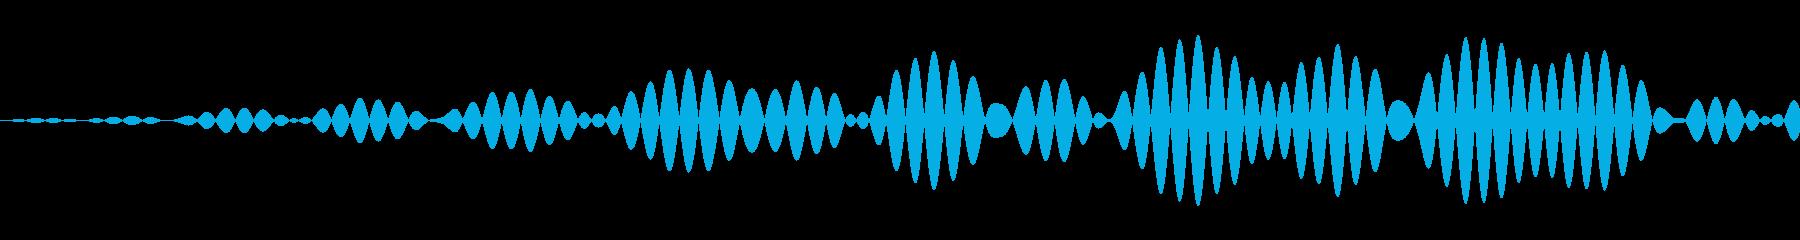 シンプルなキャンセル音2の再生済みの波形